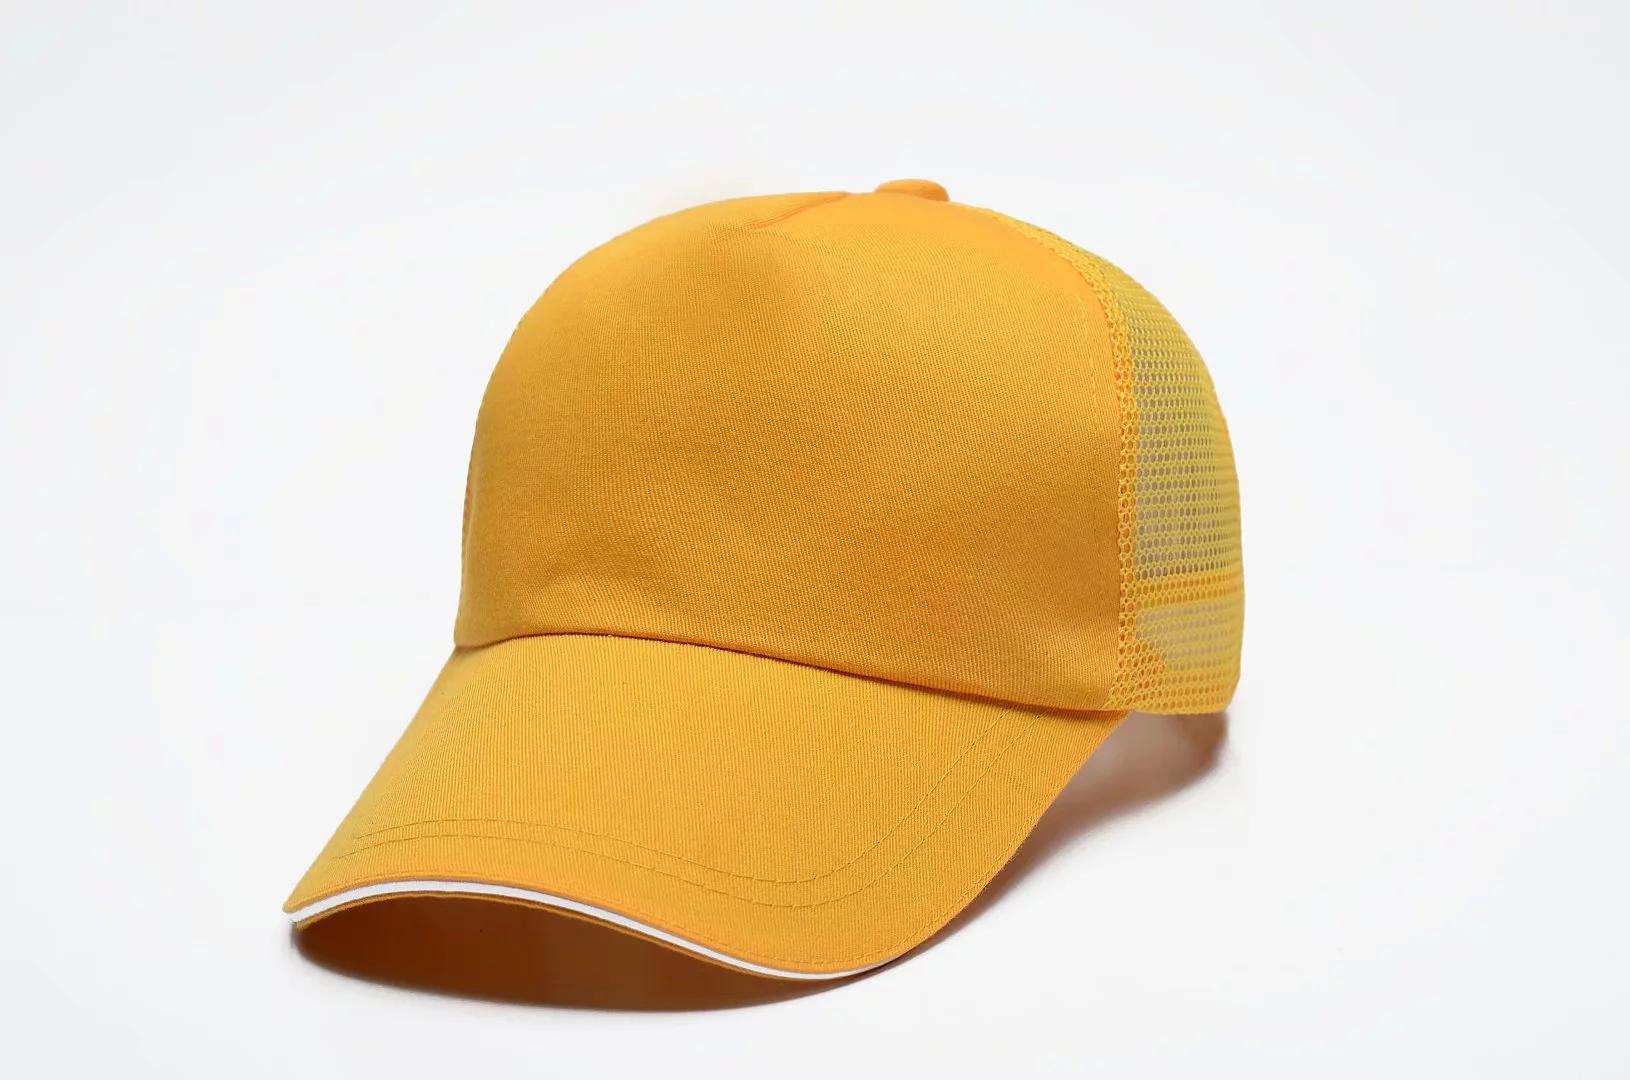 étudiant personnalisée broderie chapeau logo imprimé casque de travail publicitaire bénévole Chapeau touristique de base-ball de langue canard